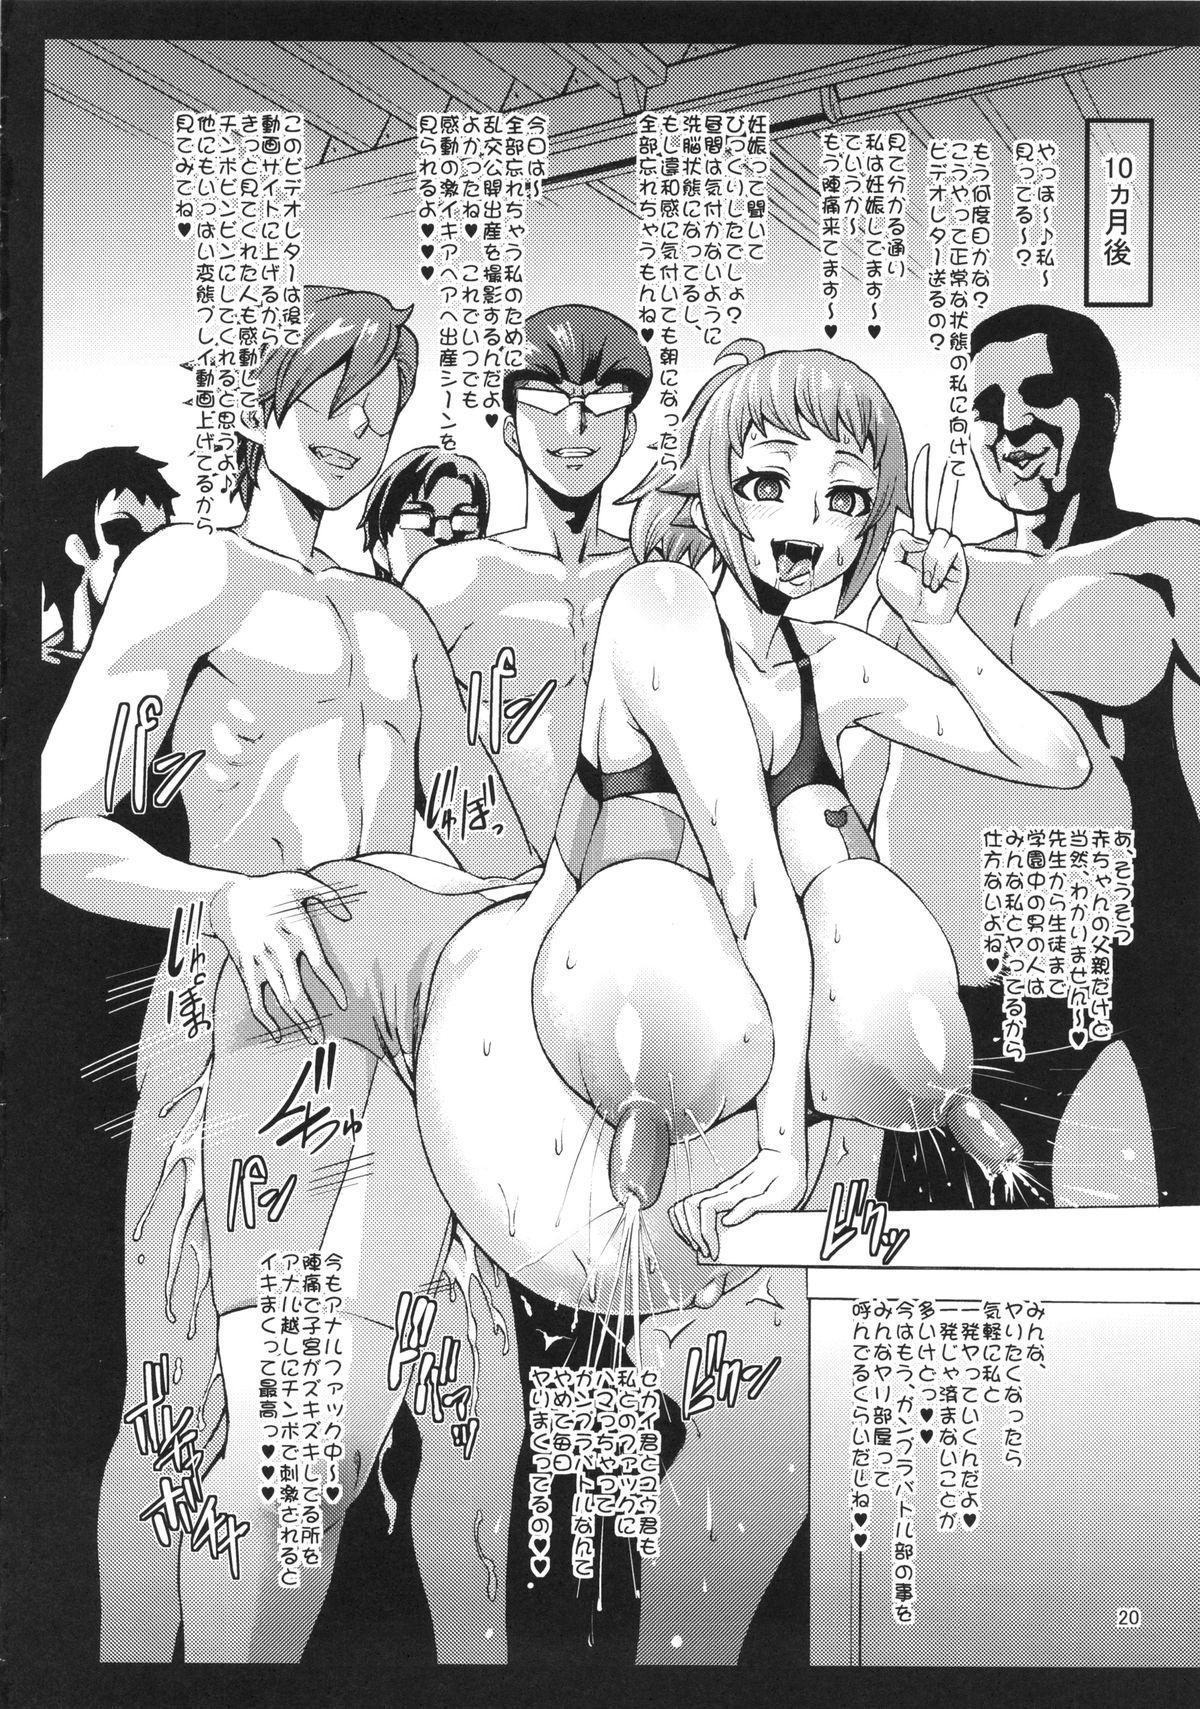 Sennou Fumina + Omakebon 20